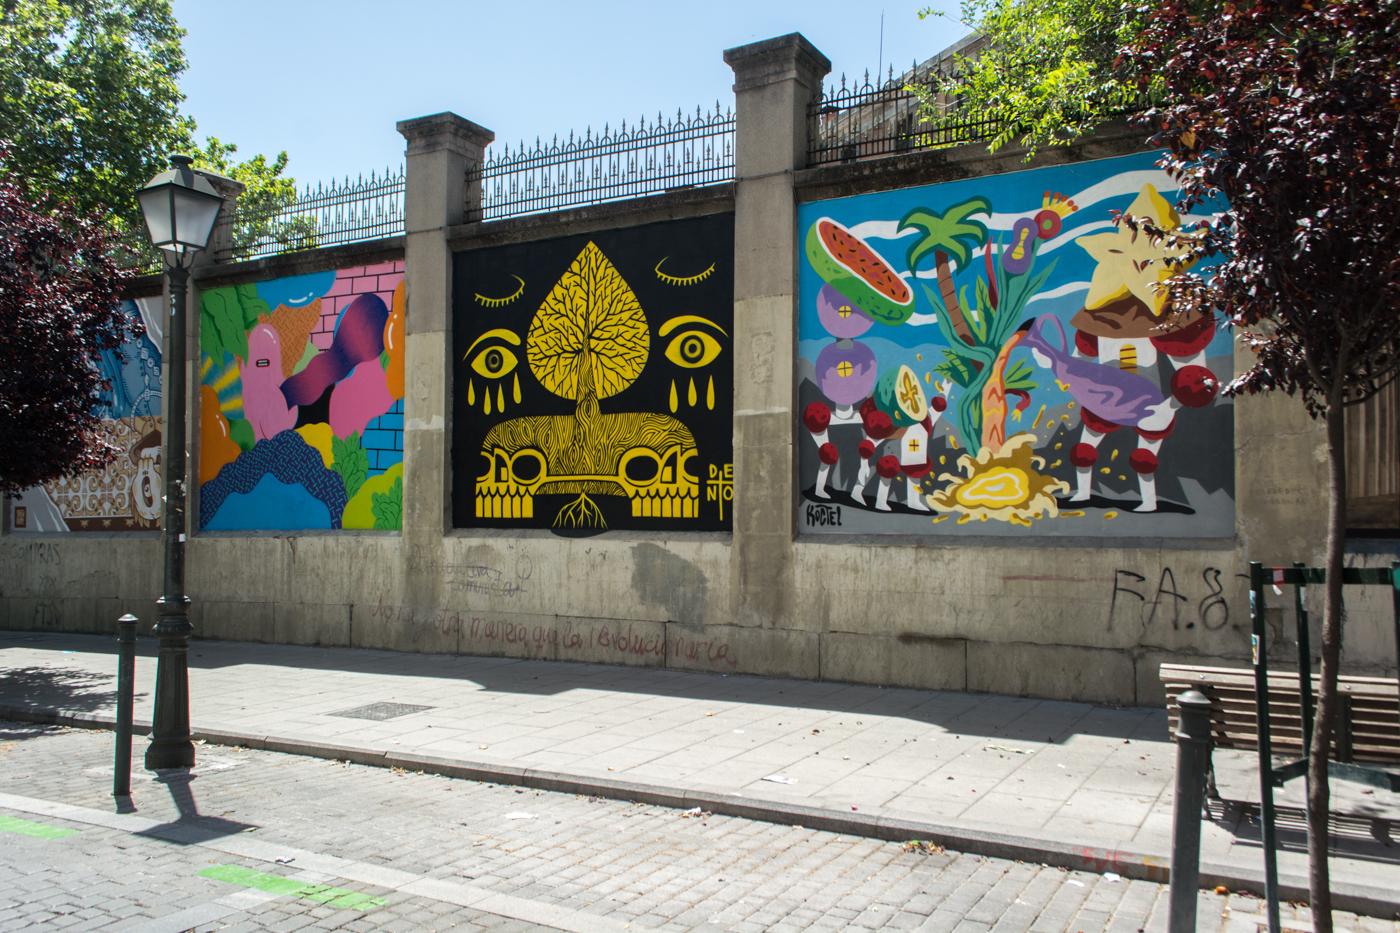 Conjunto - MurosTabacalera by Guillermo de la Madrid - Madrid Street Art Project final-001.jpg